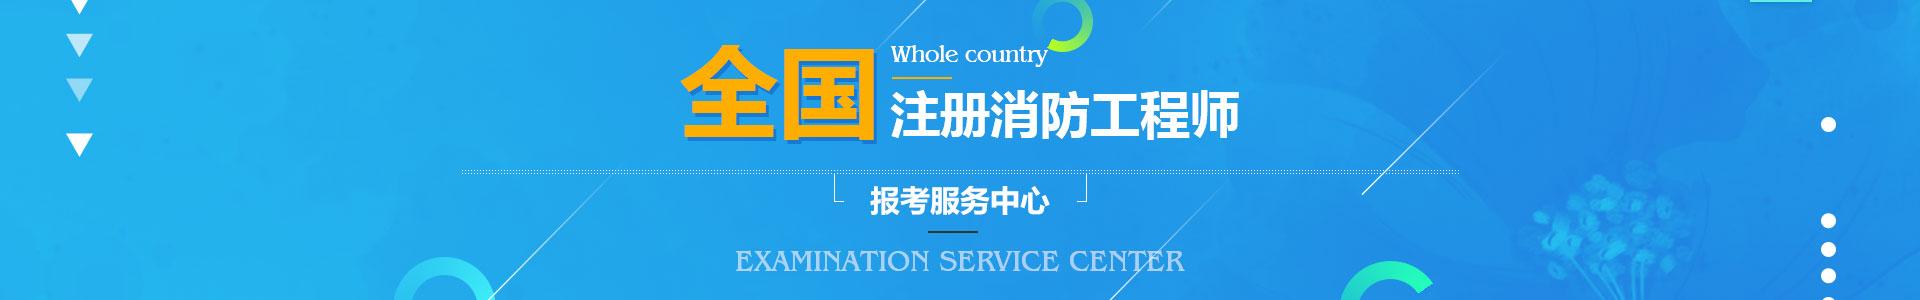 重庆消防培训机构